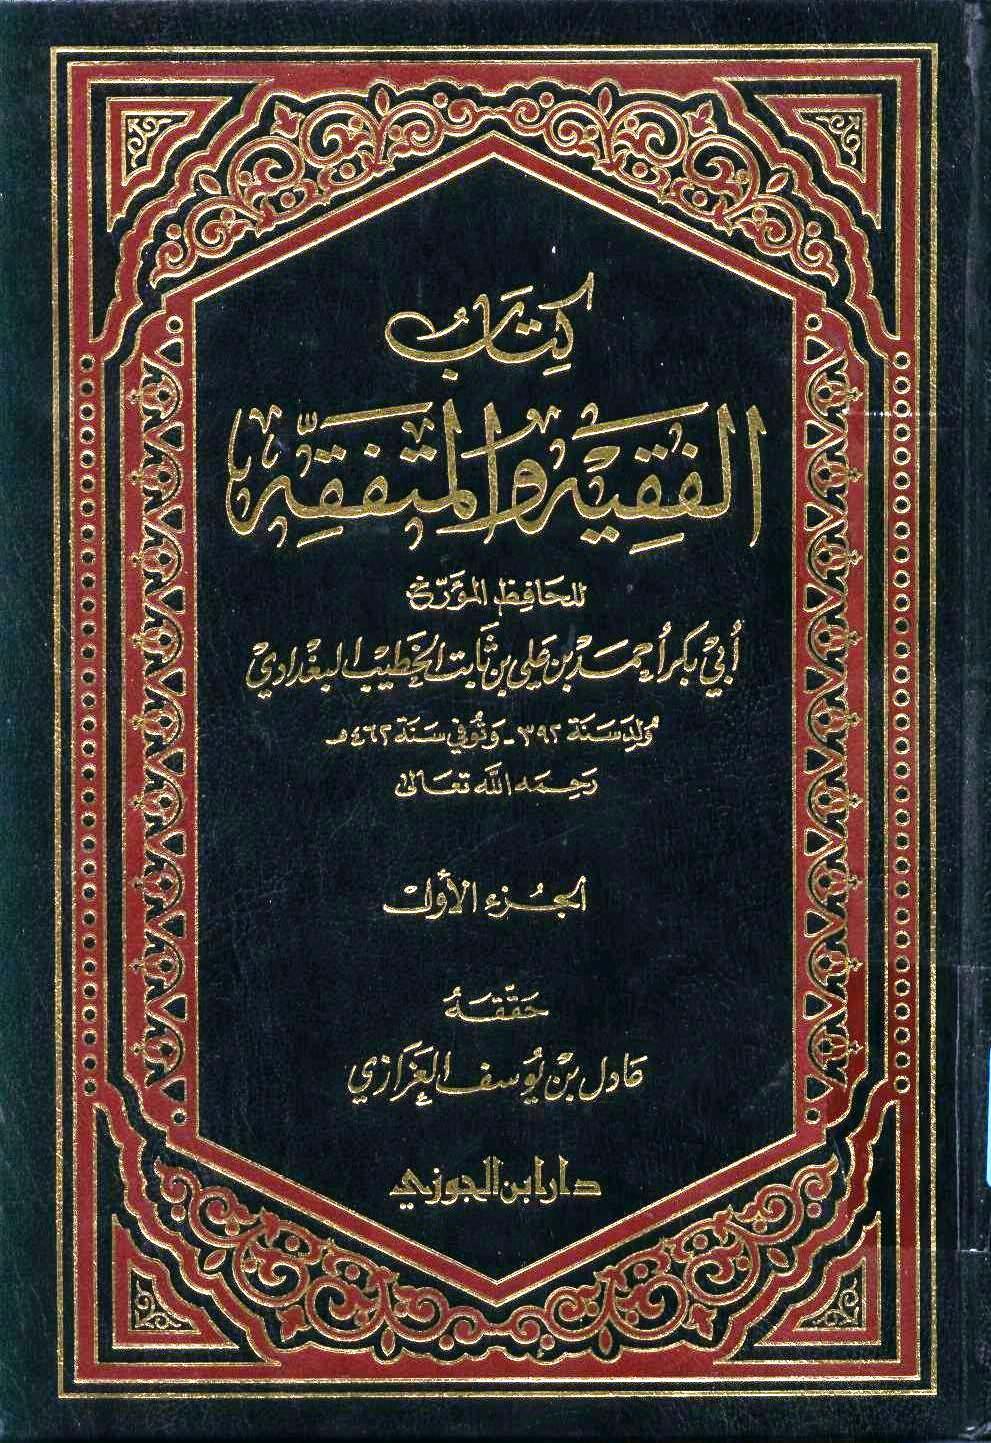 كتاب الفقيه والمتفقه - للخطيب البغدادي pdf